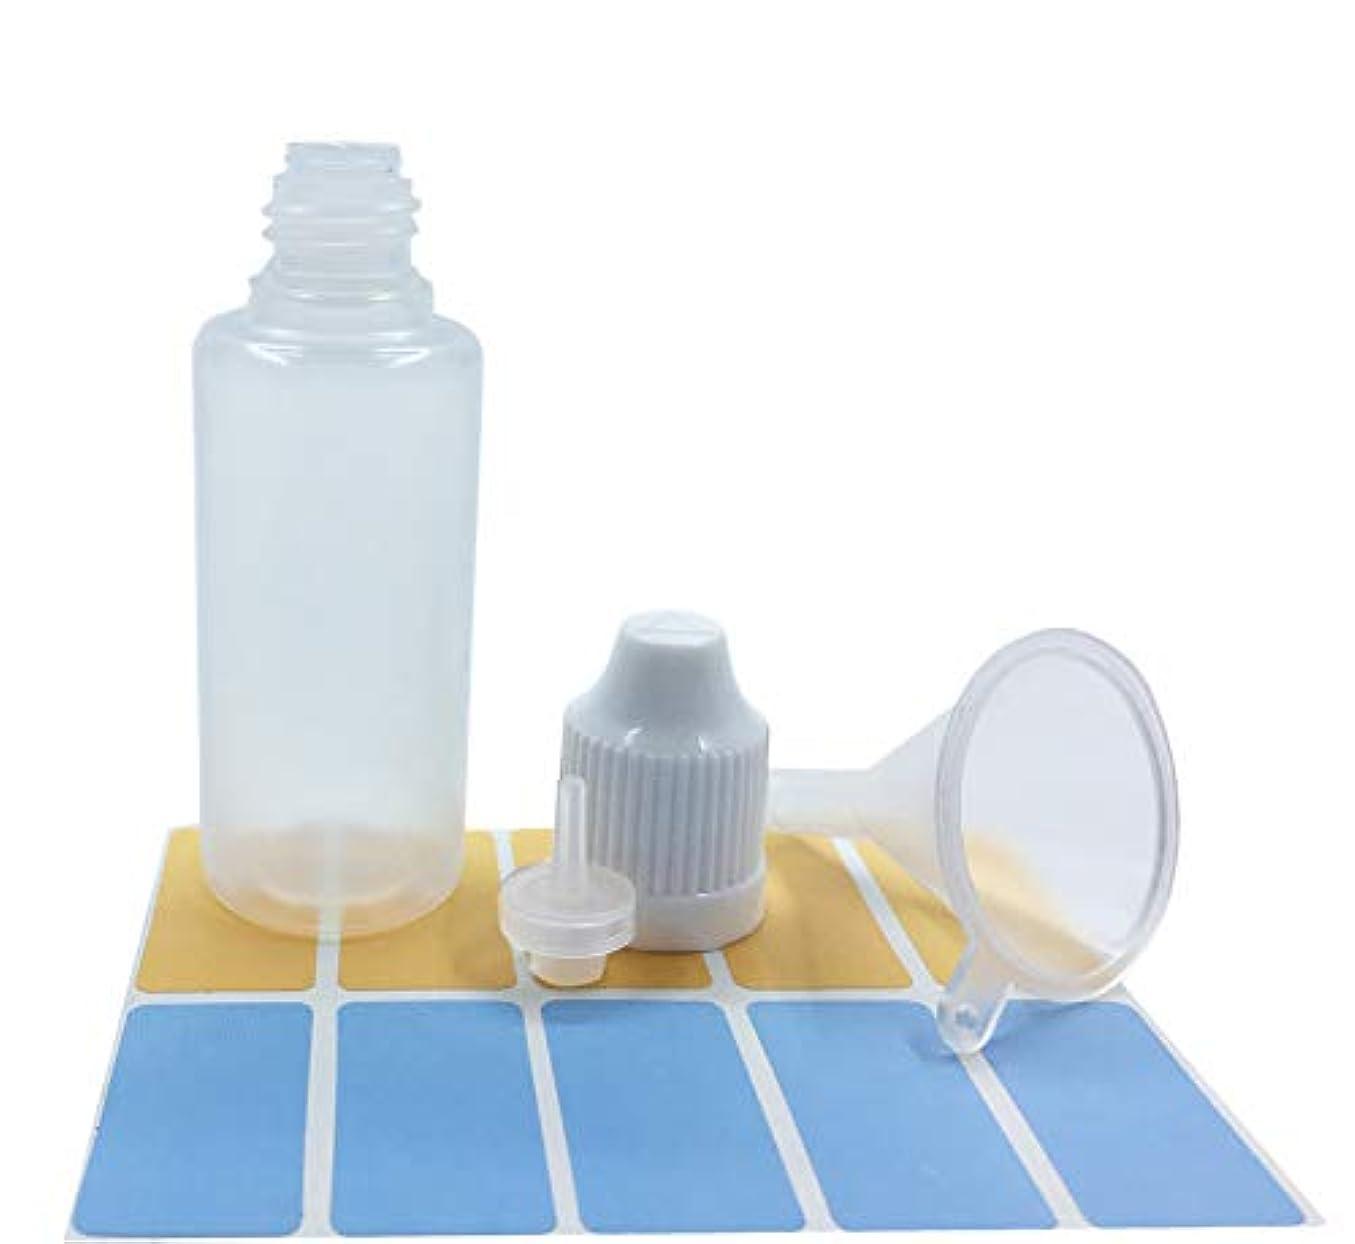 実用的別の五十10個 20mlドロッパーボトル スポイトタイプ容器 プラスチック製 点眼 液体 貯蔵用 滴瓶 (20ml, 白色)